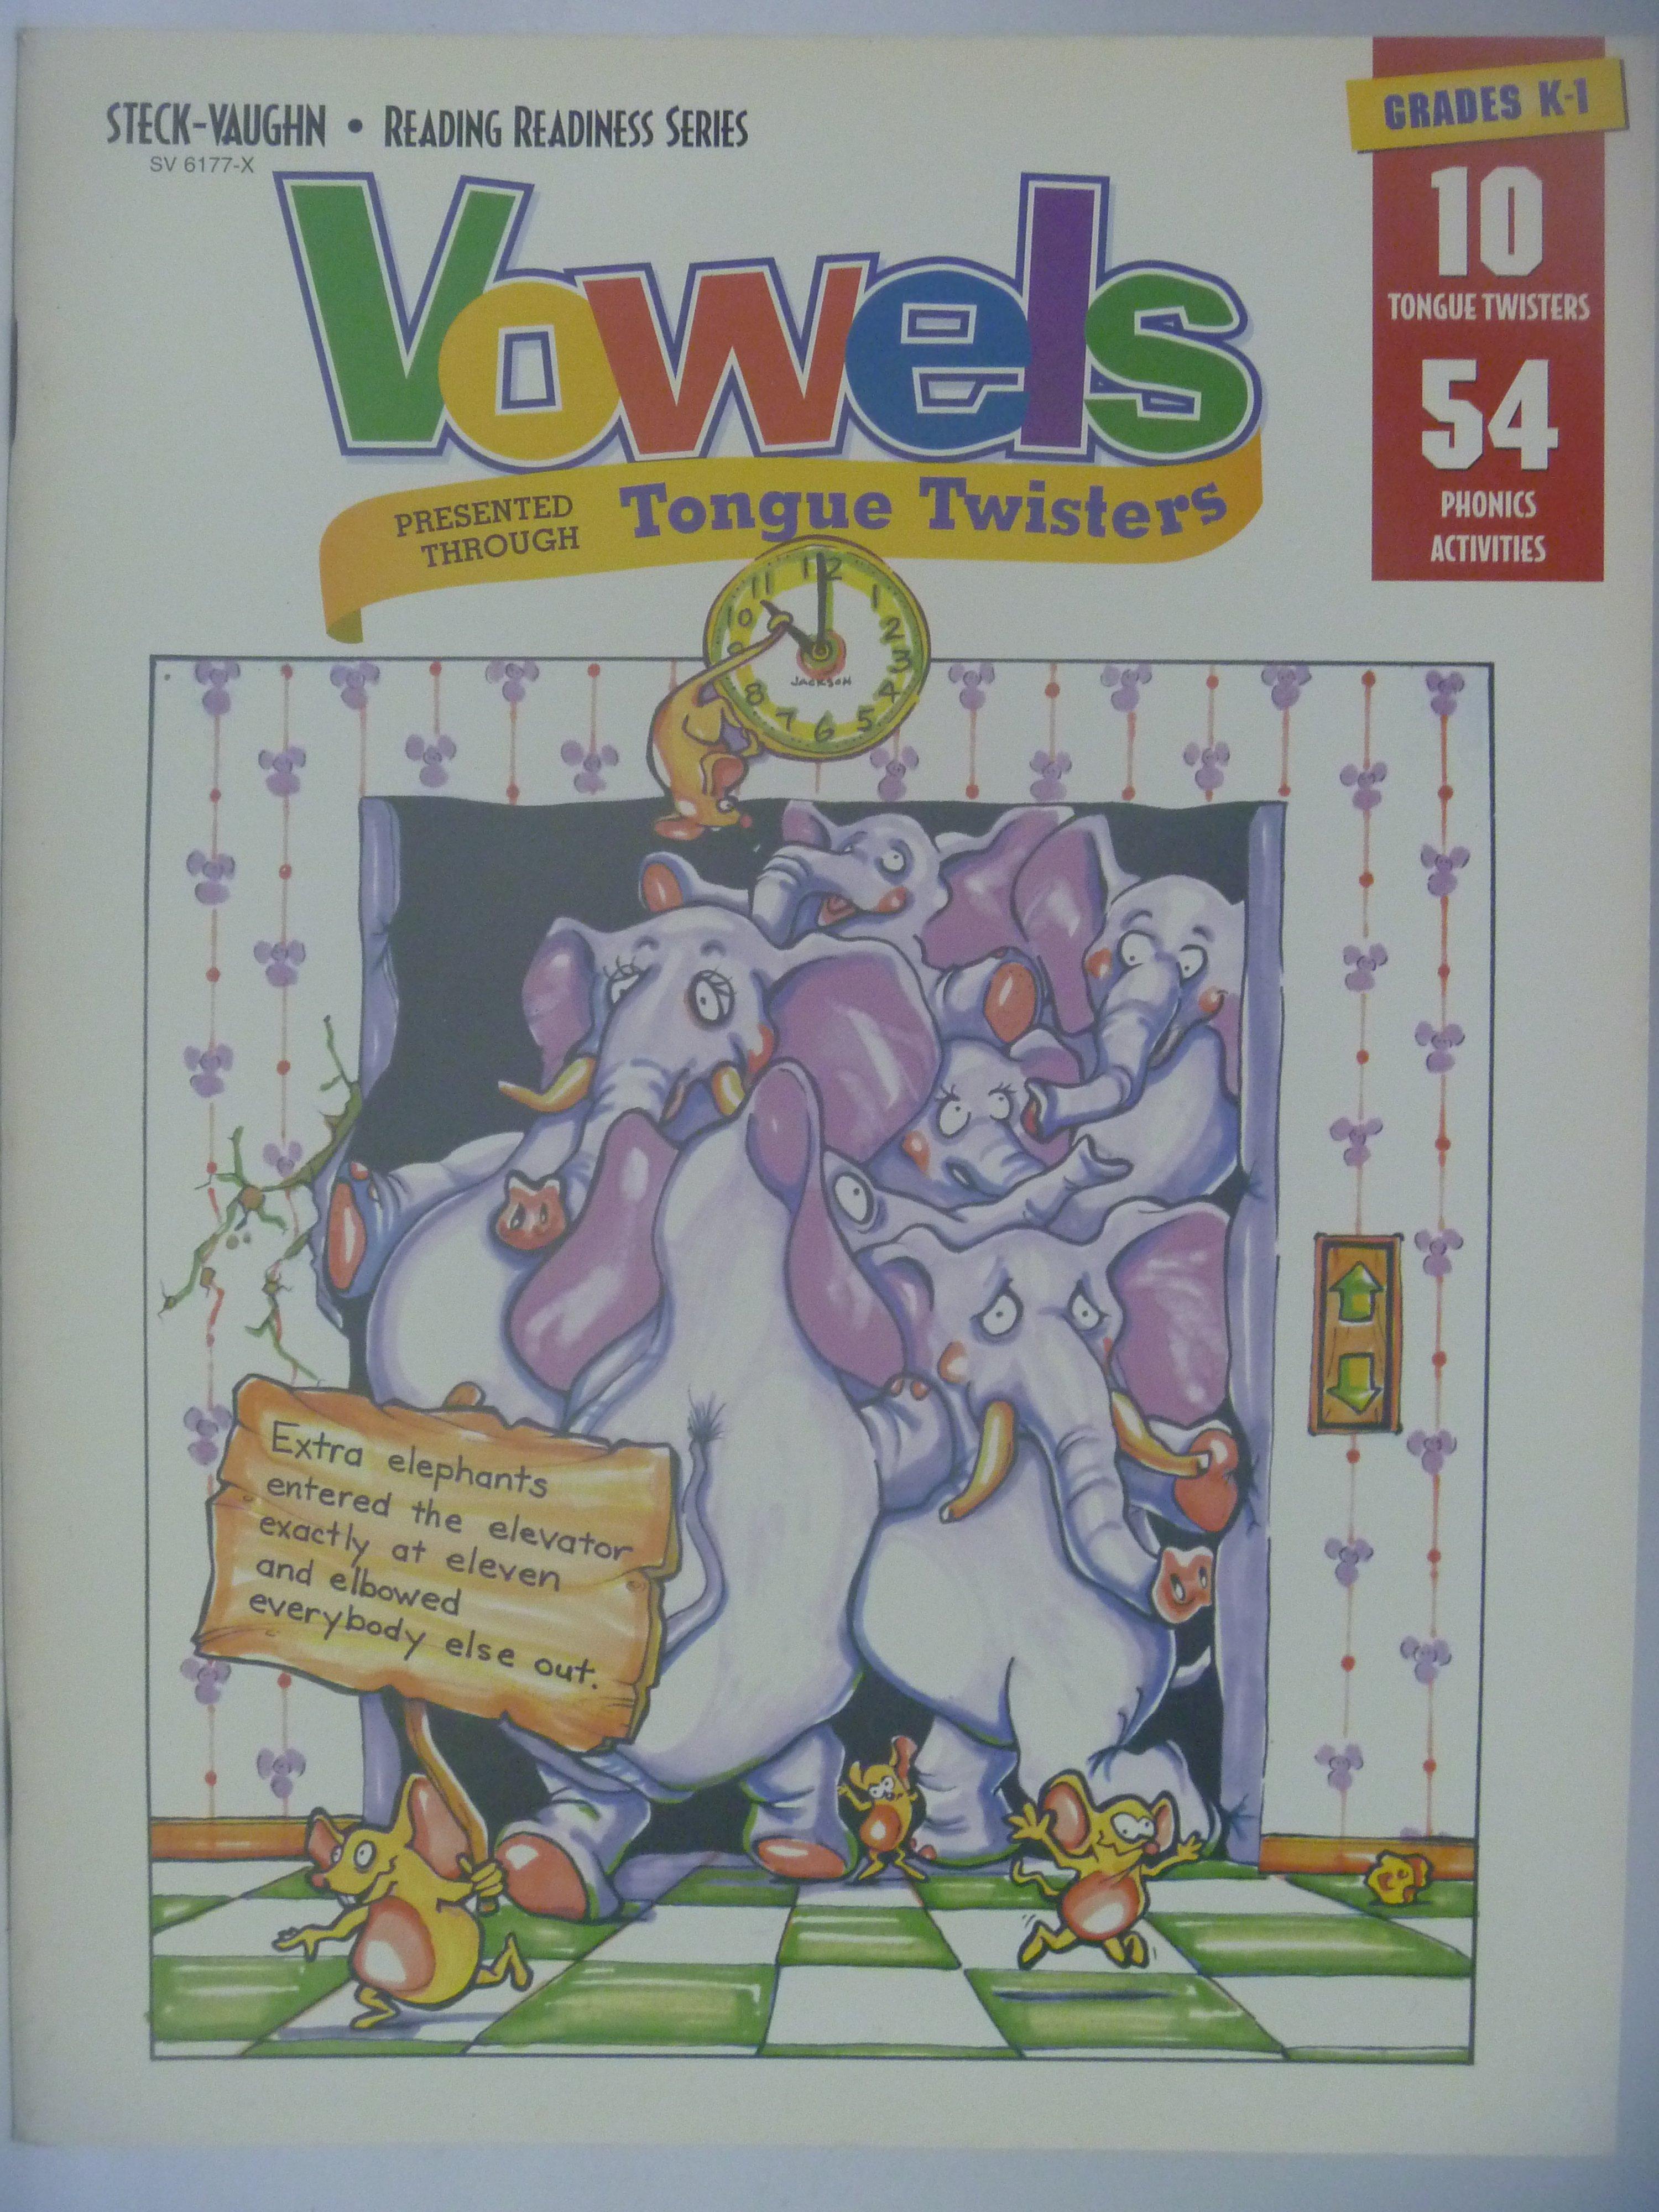 【月界二手書店】Vowels(Reading Readiness)_原價210 〖少年童書〗CEP